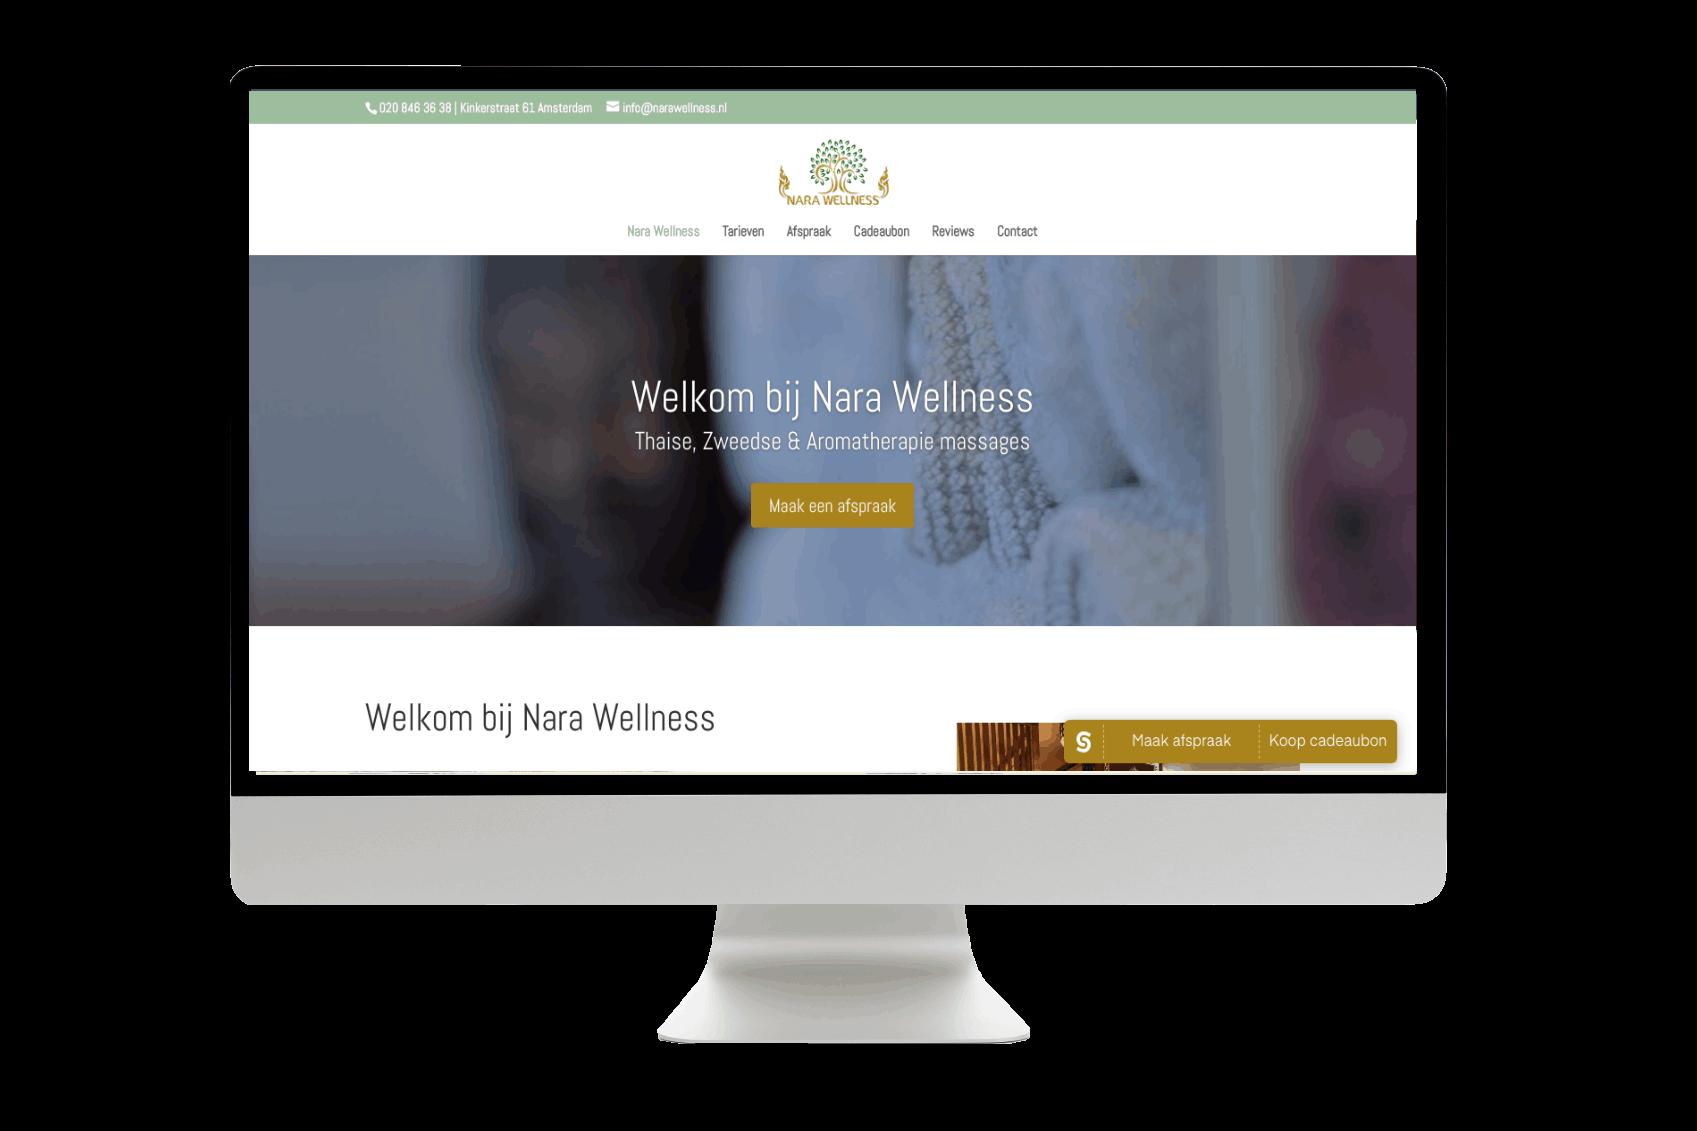 Webdesign dordrecht Nara wellness